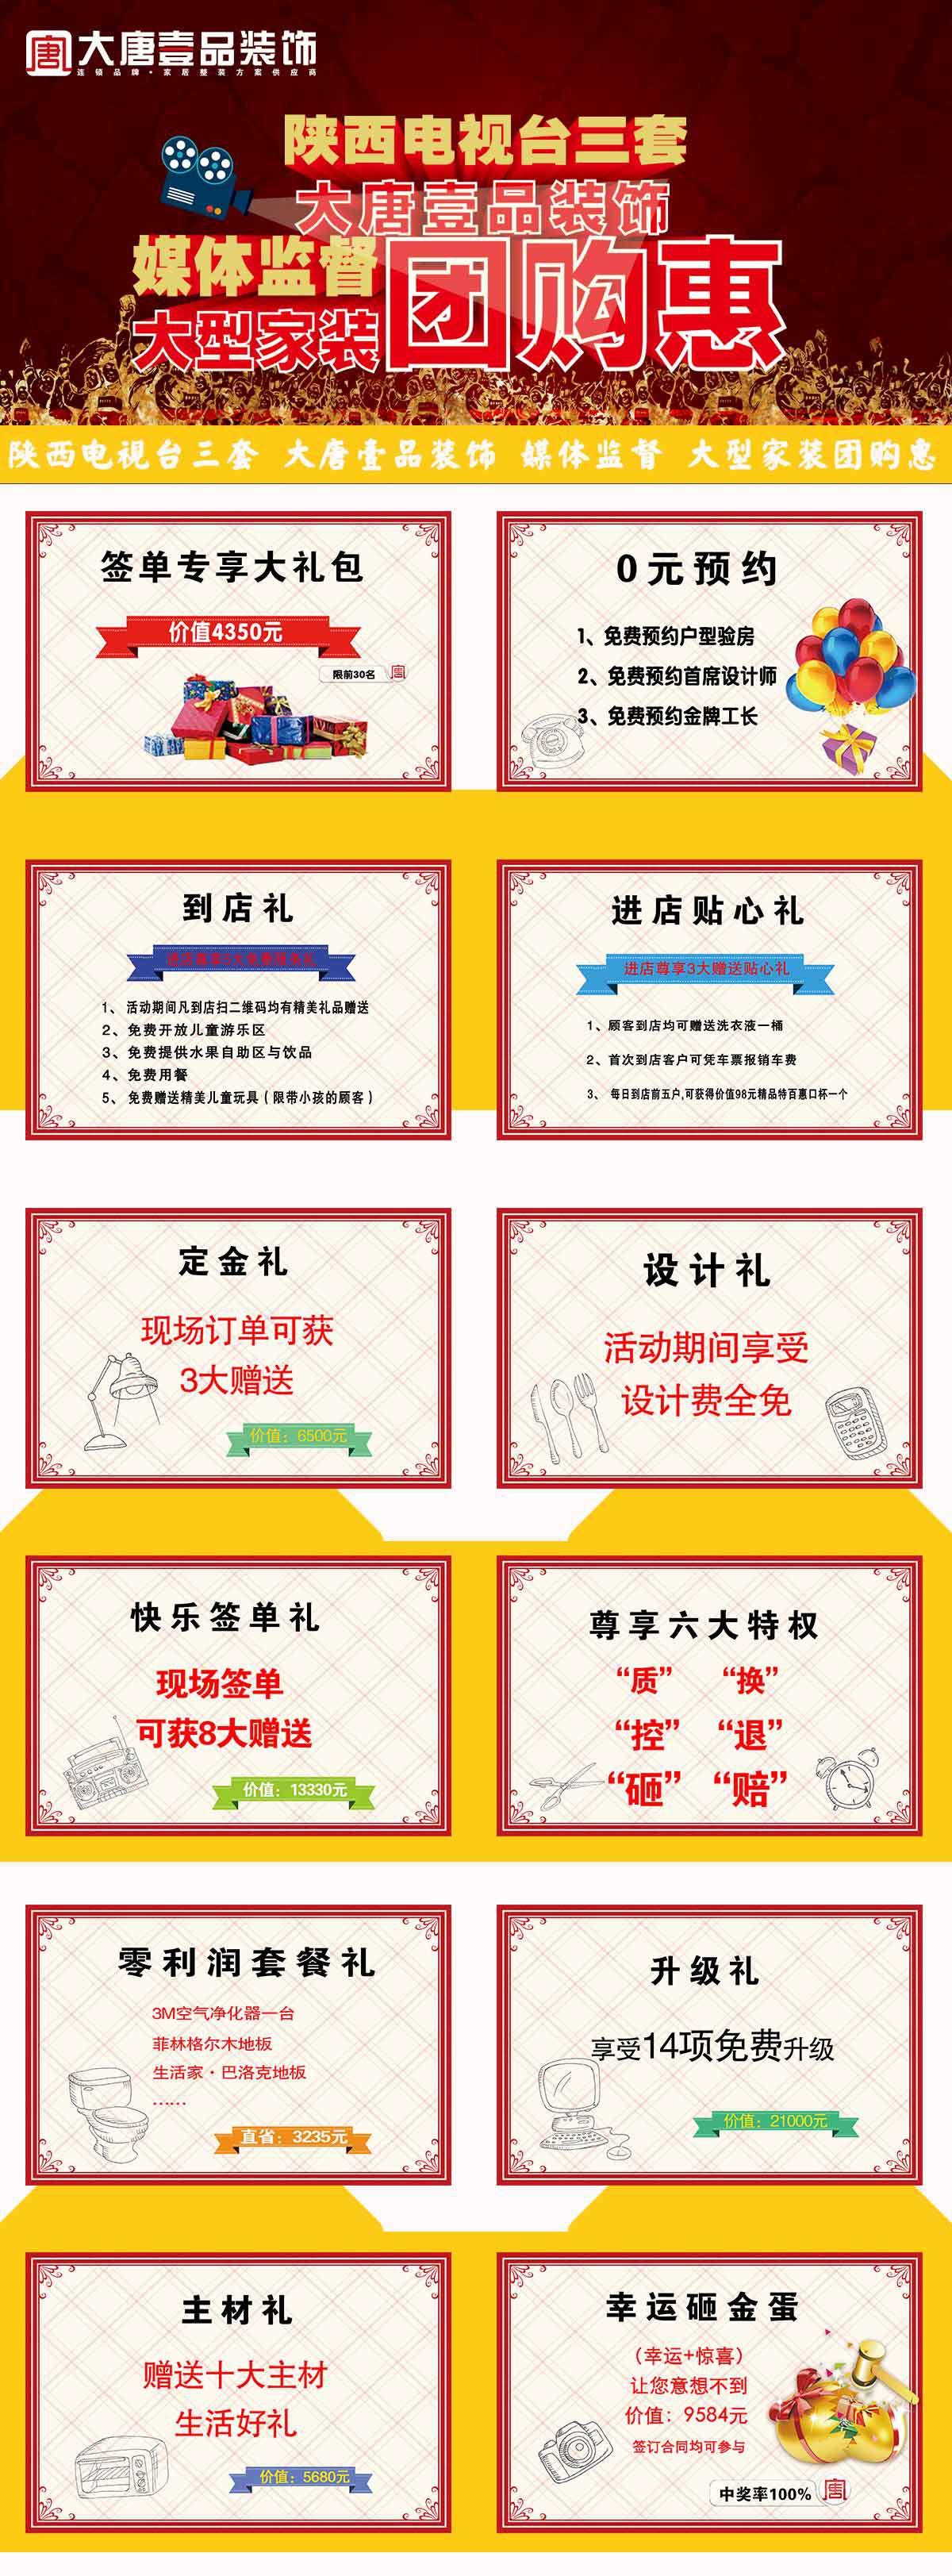 陕西电视台三套&大唐壹品装饰媒体监督大型家装团购惠!